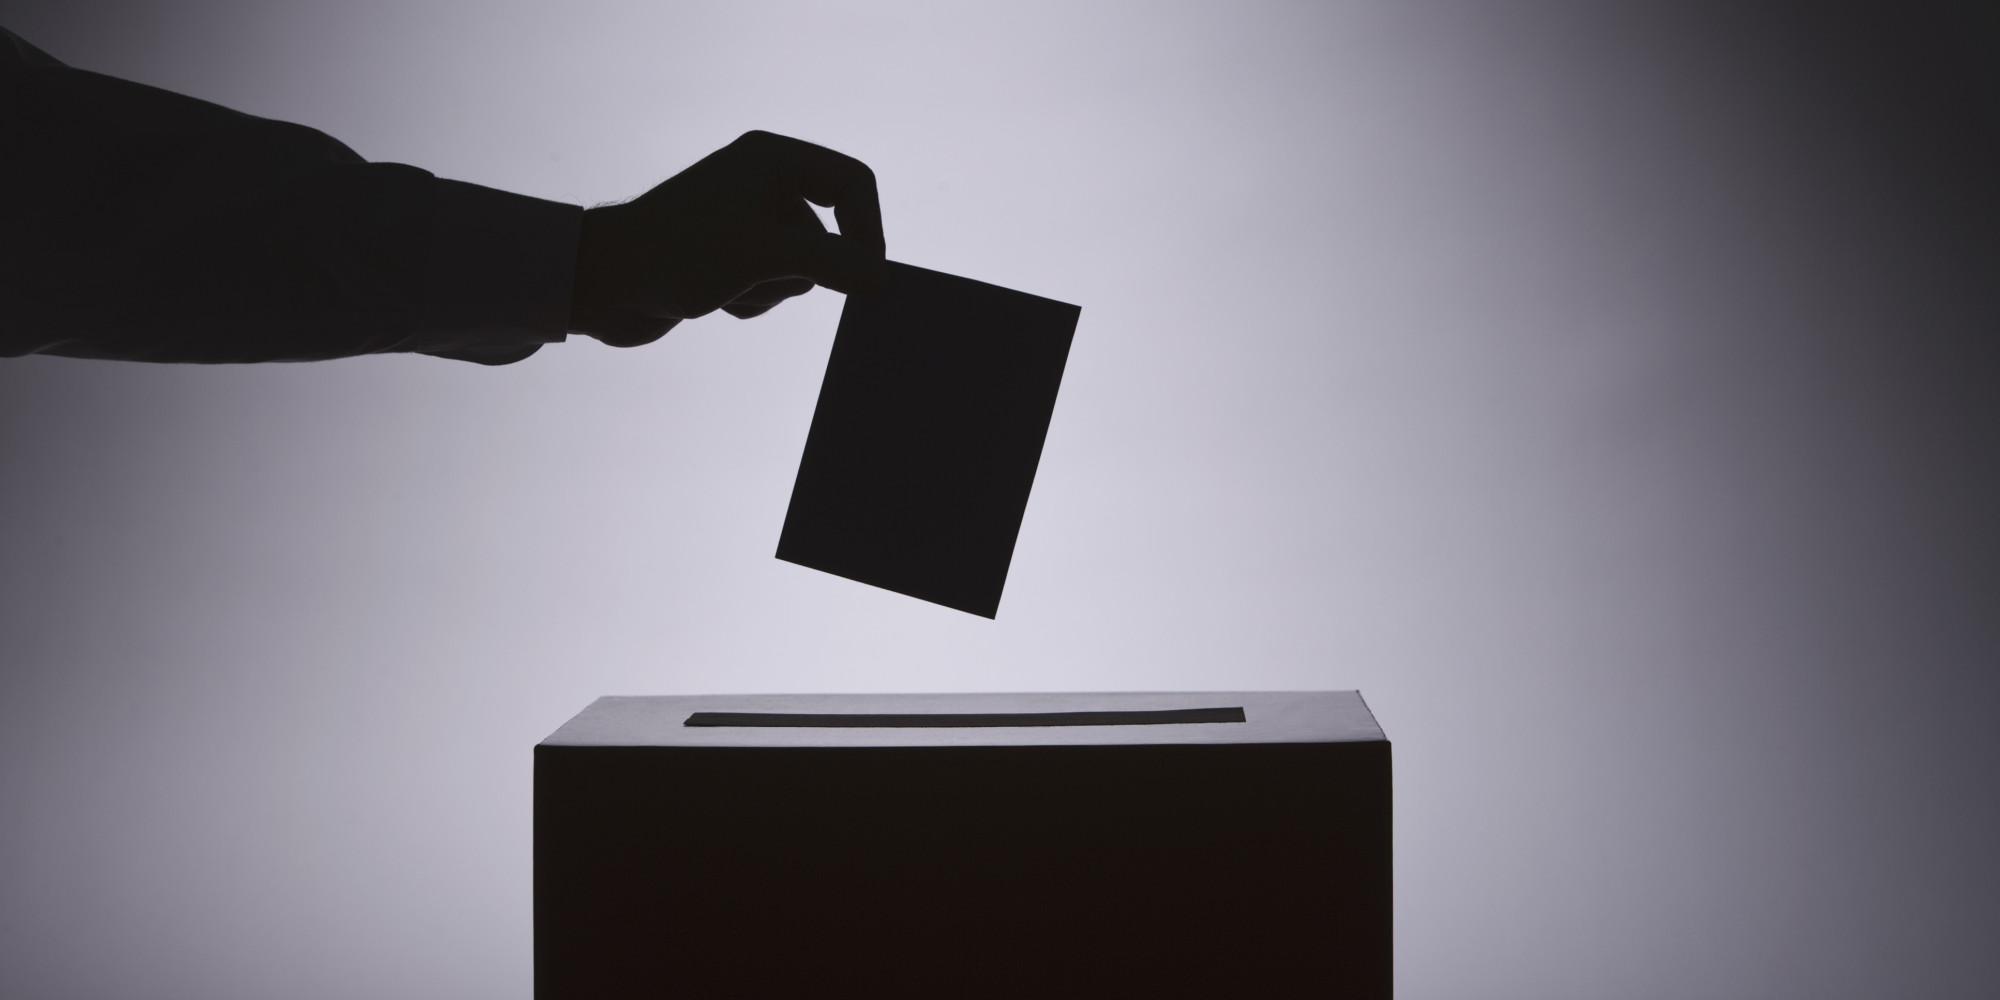 votacion-banner